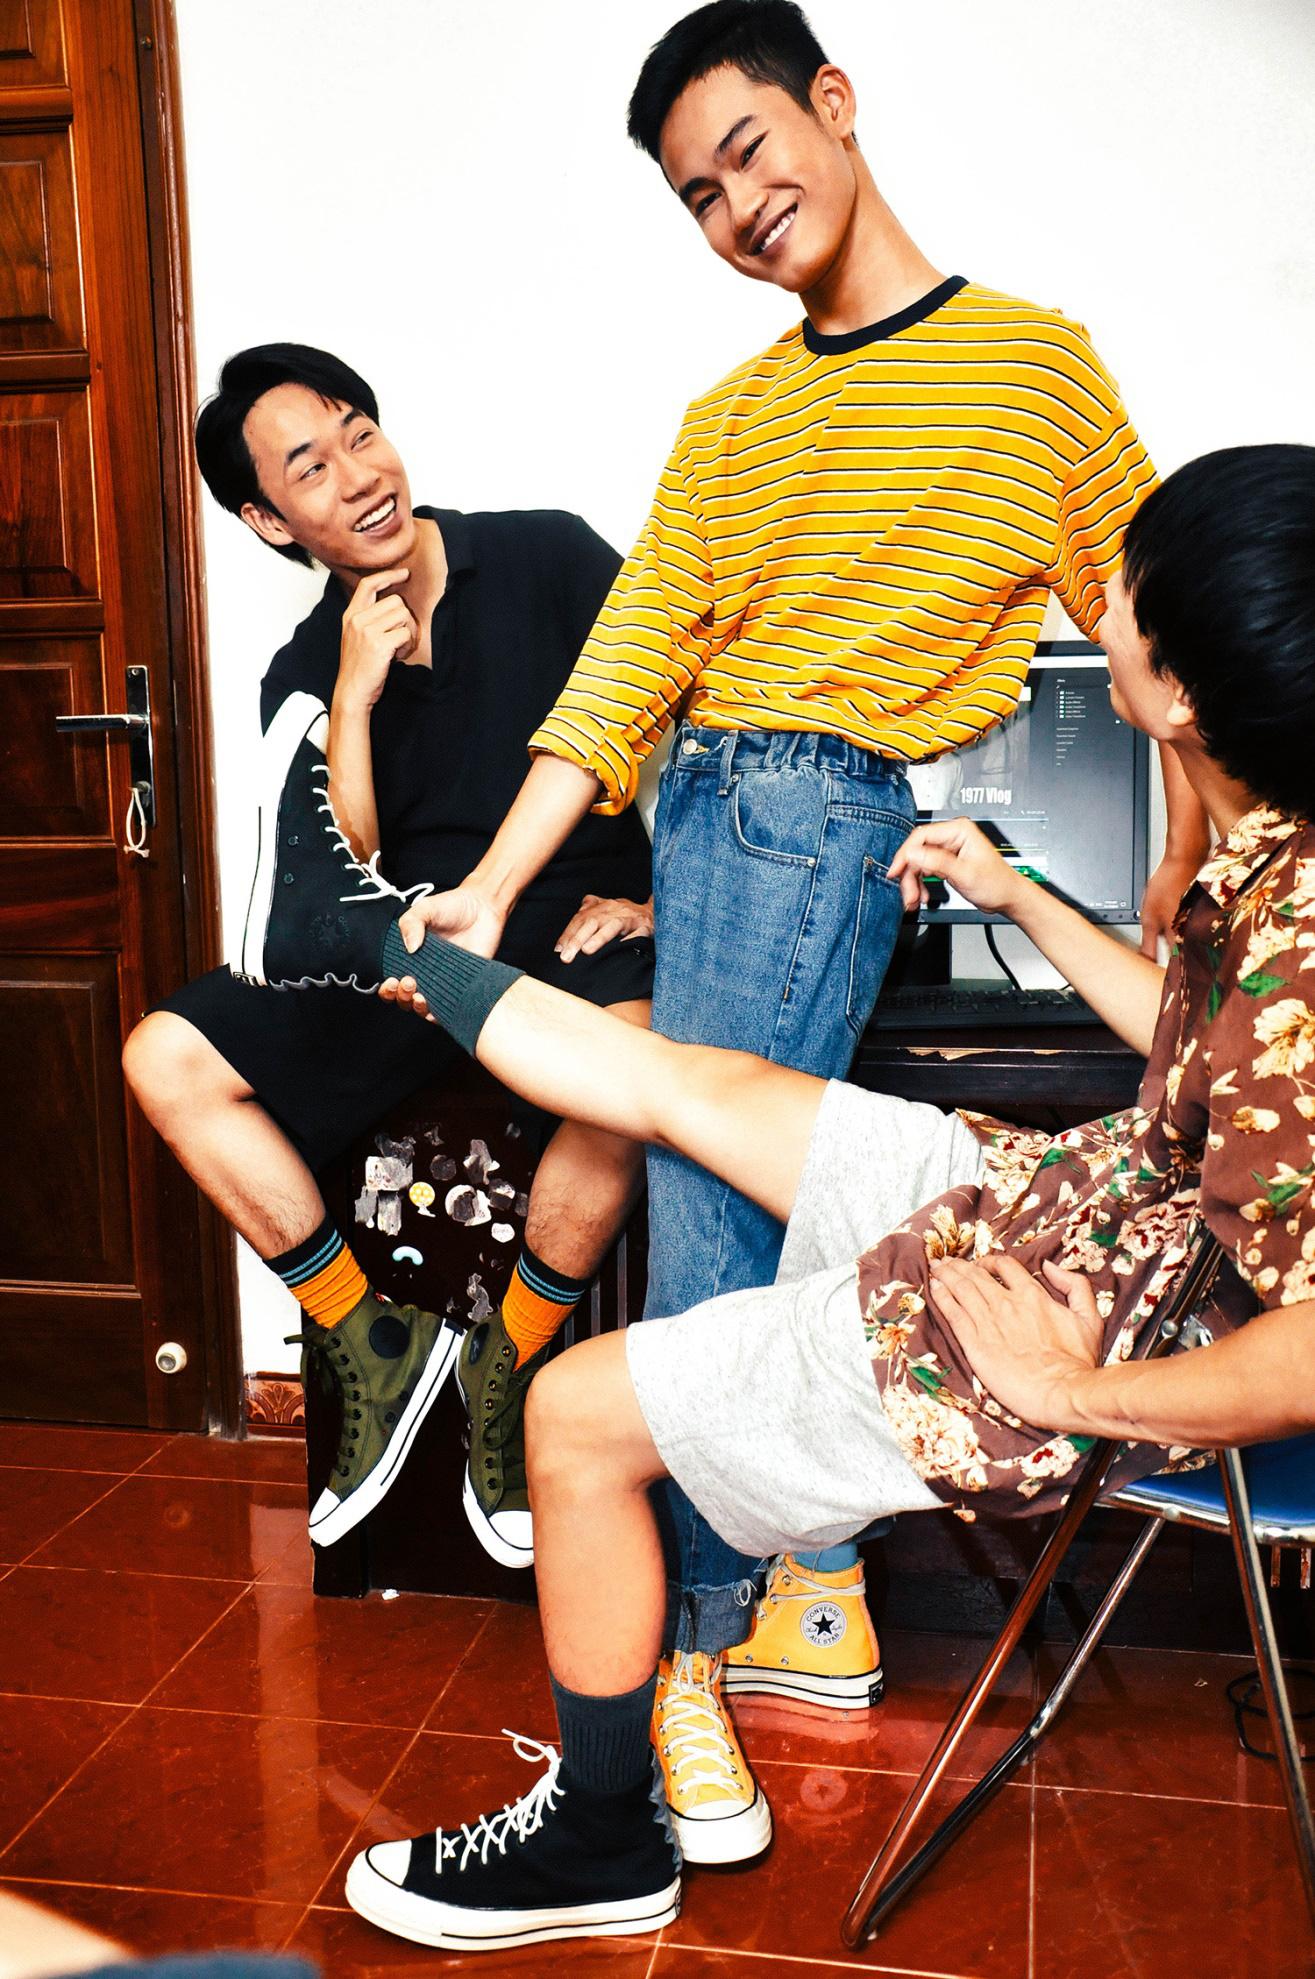 Chỉ bằng đôi giày, Converse VN từ xây dựng văn hóa chơi giày đến đóng góp cải thiện điều kiện di chuyển cho xã hội - Ảnh 3.